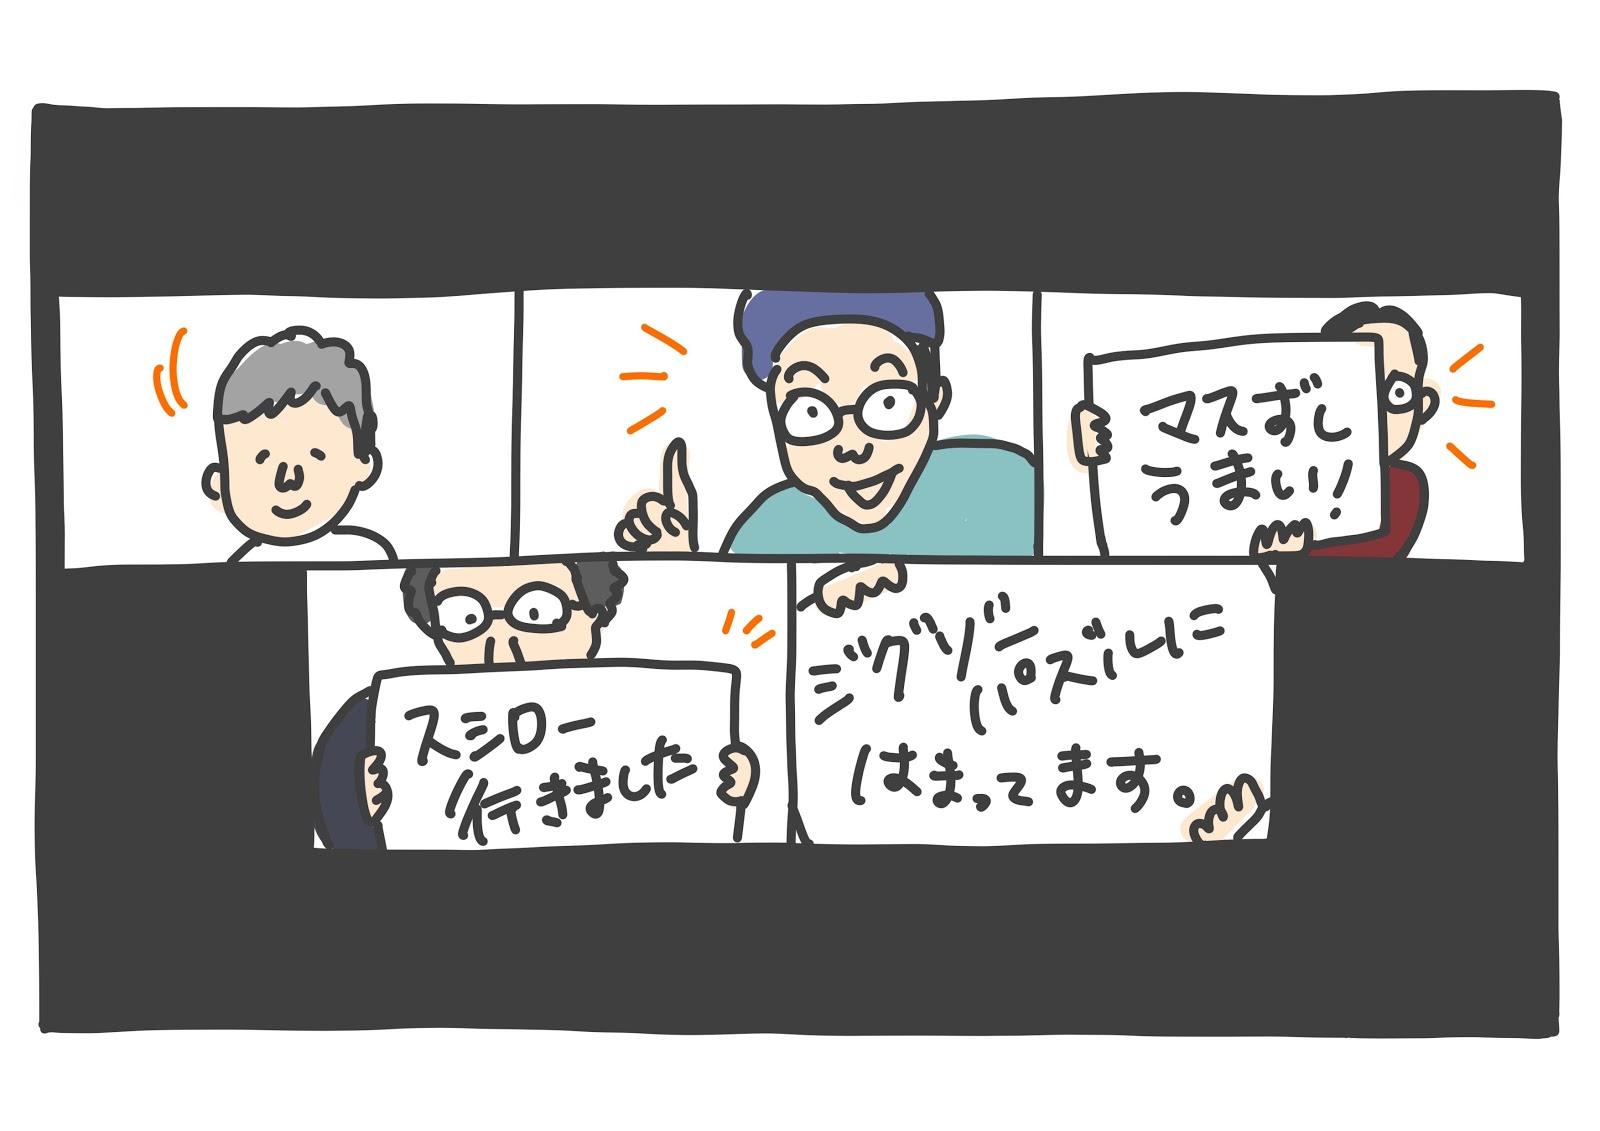 つながるUMの様子イラストイメージ